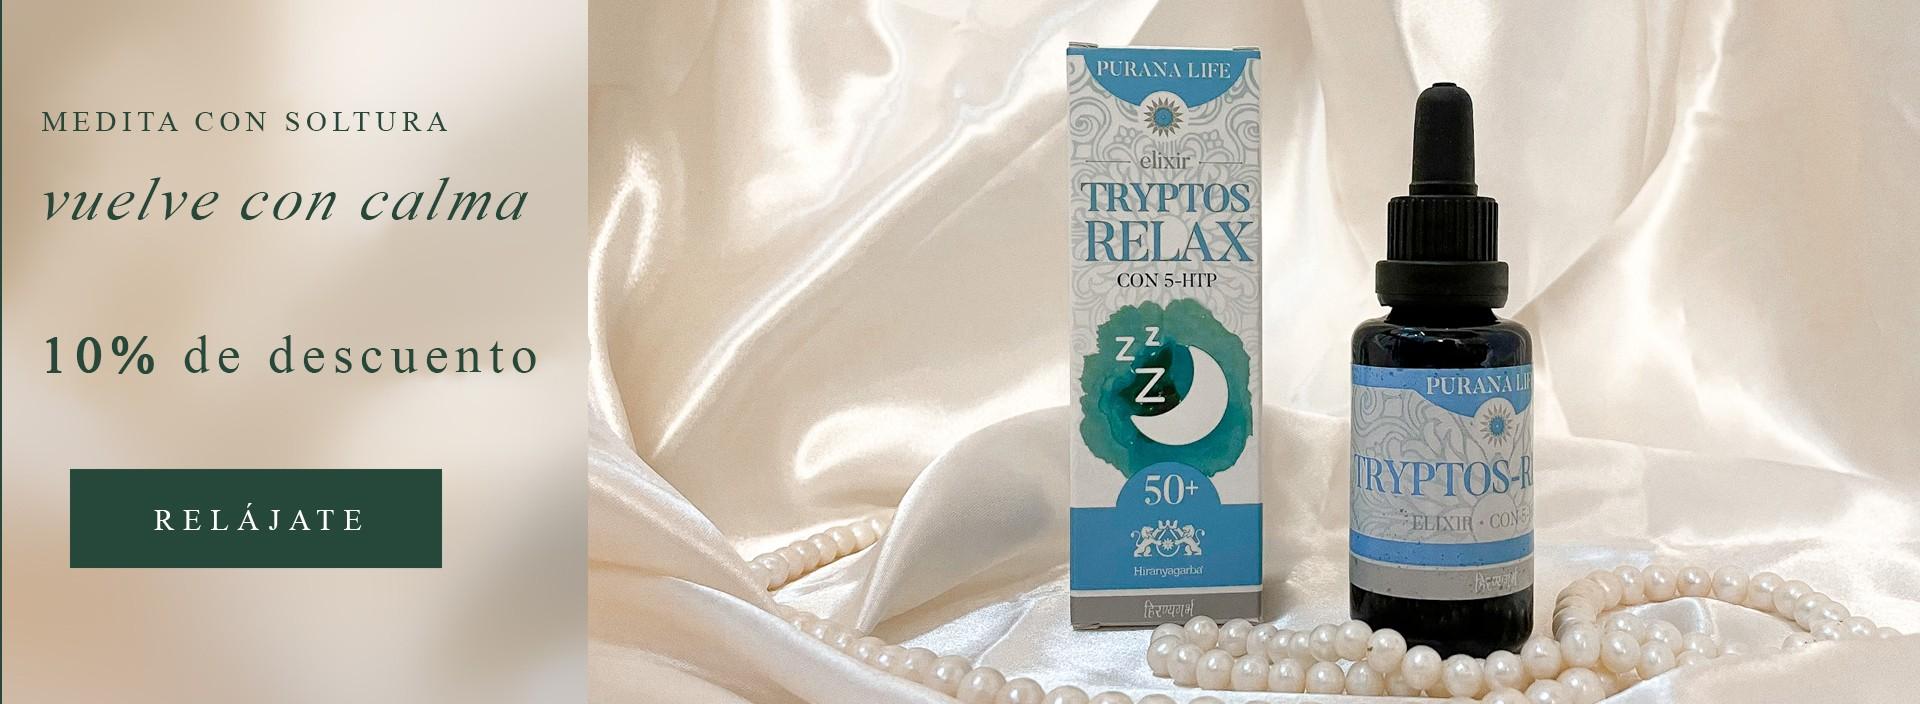 Tryptos Relax y vuelve a la rutina con calma